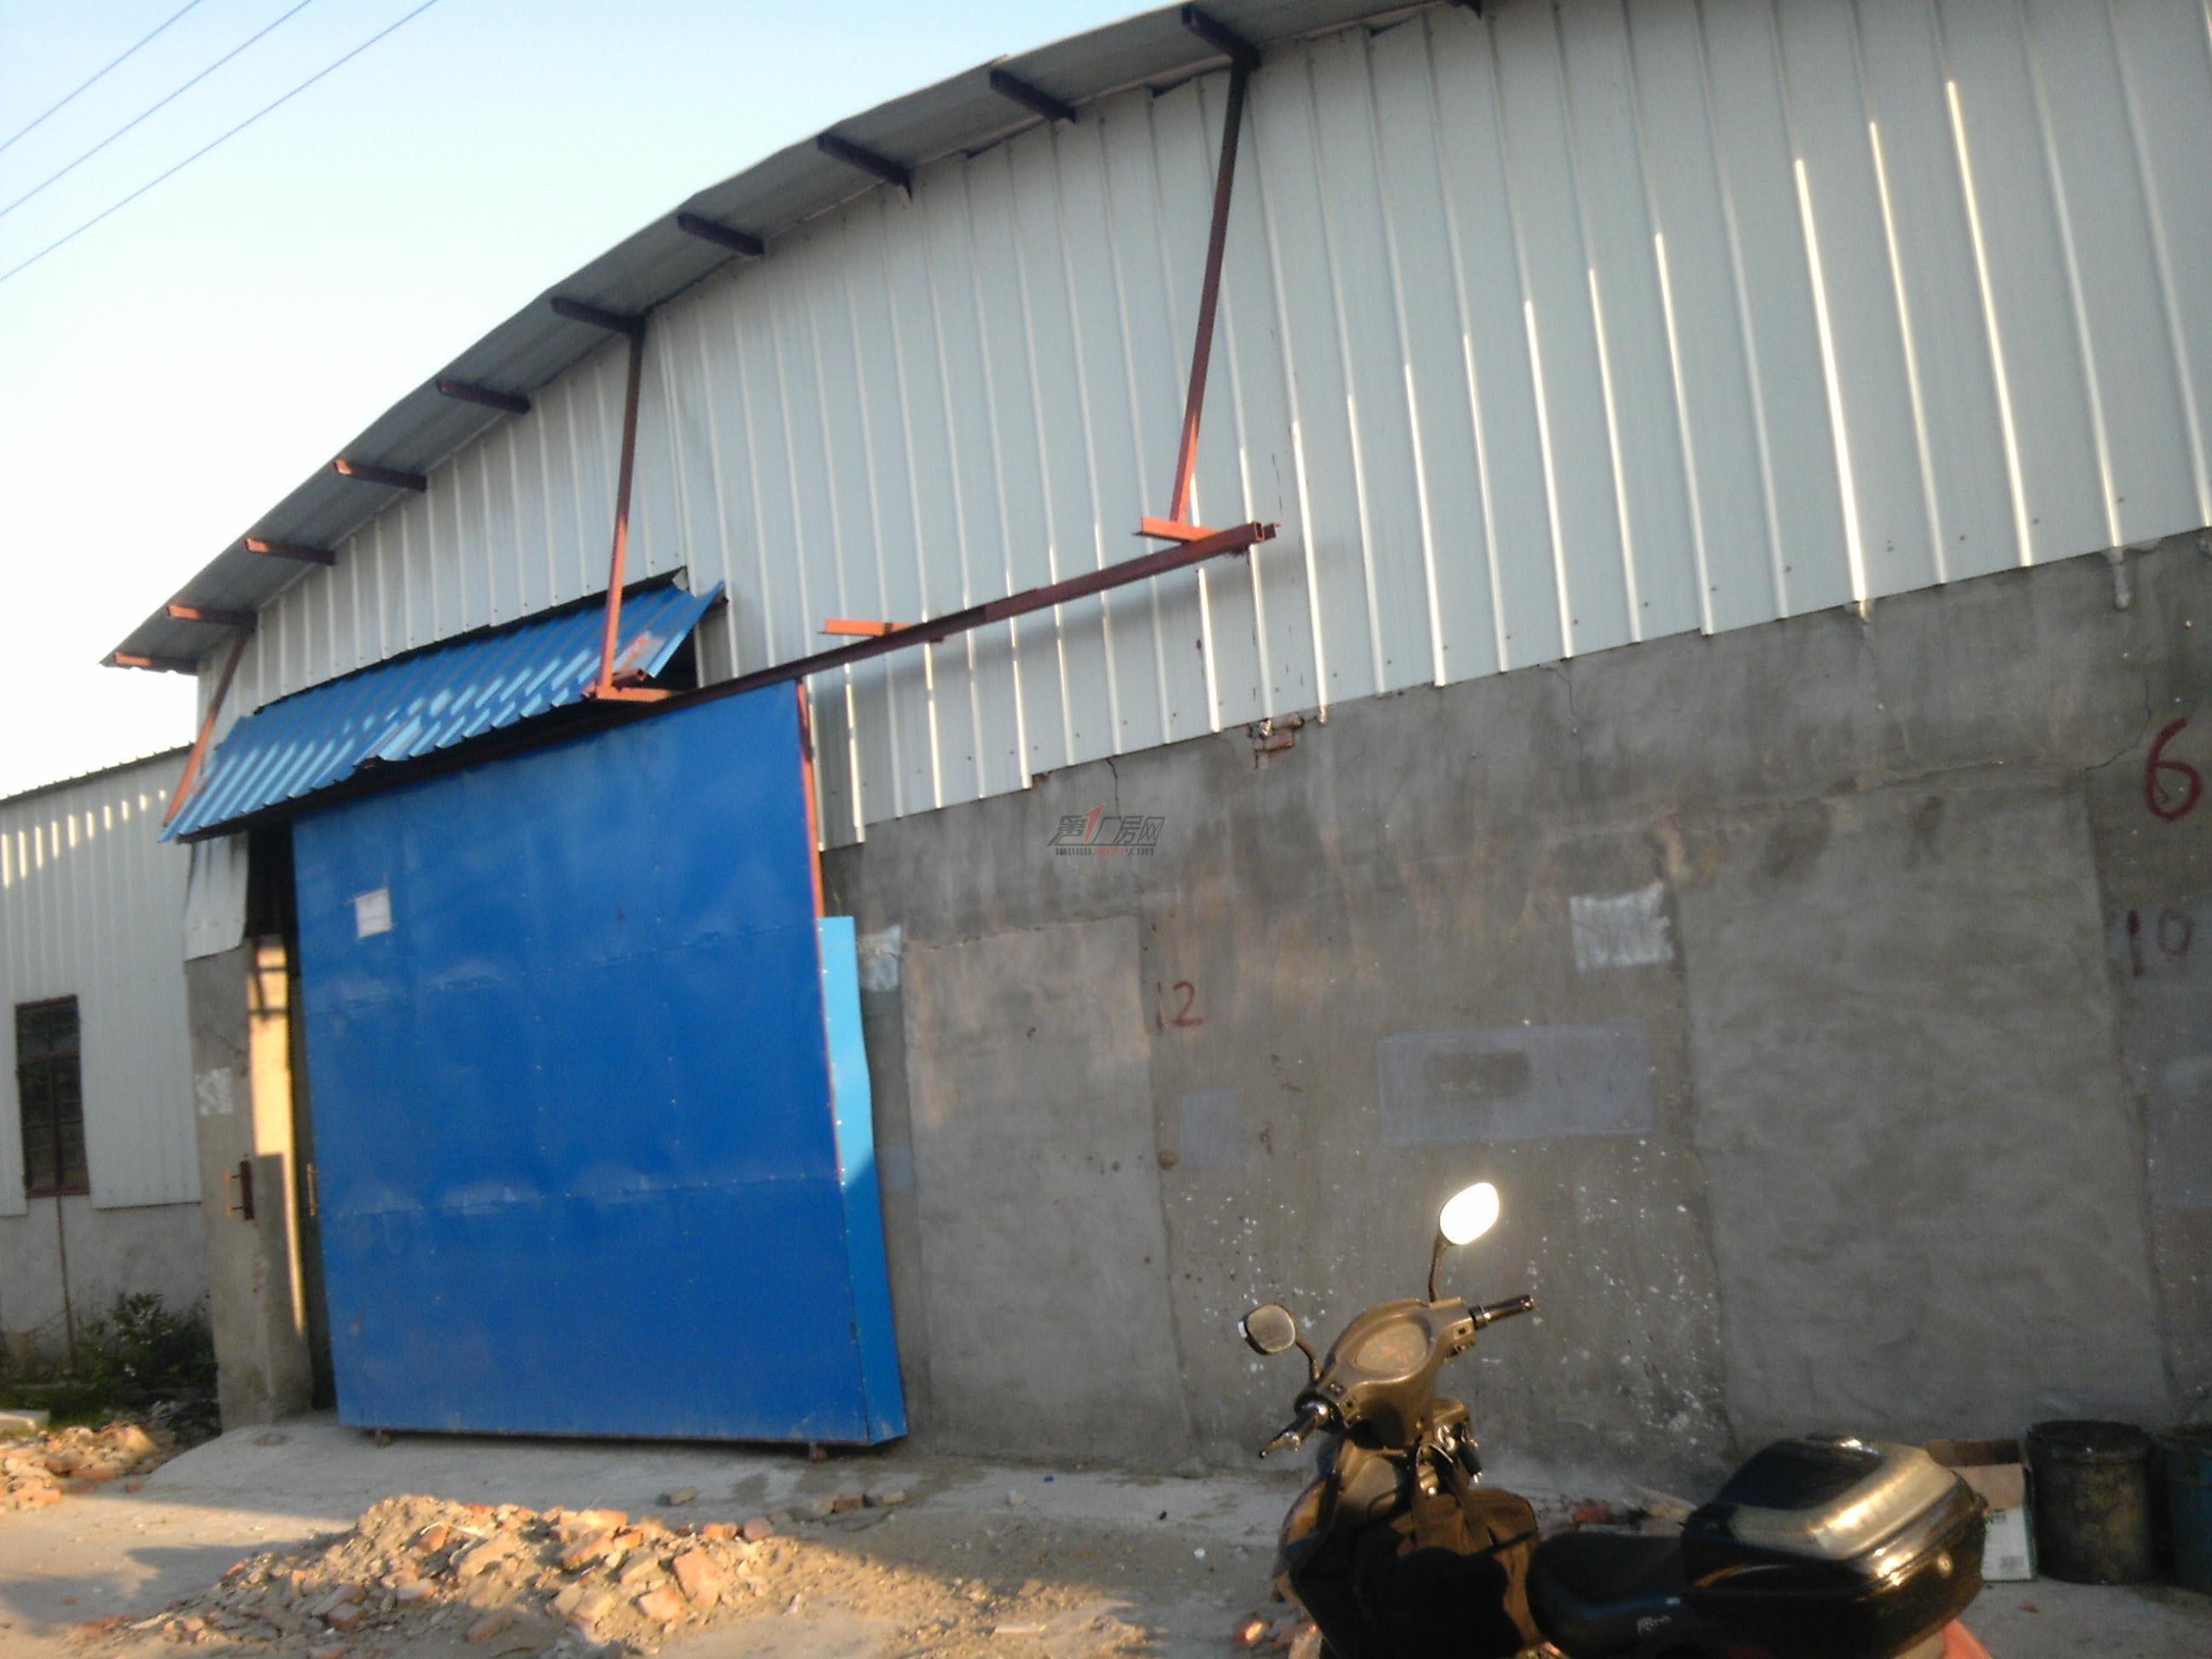 金荣钢构专业焊接钢架厂房,楼顶隔热彩瓦,活动板房,护栏及各种焊接